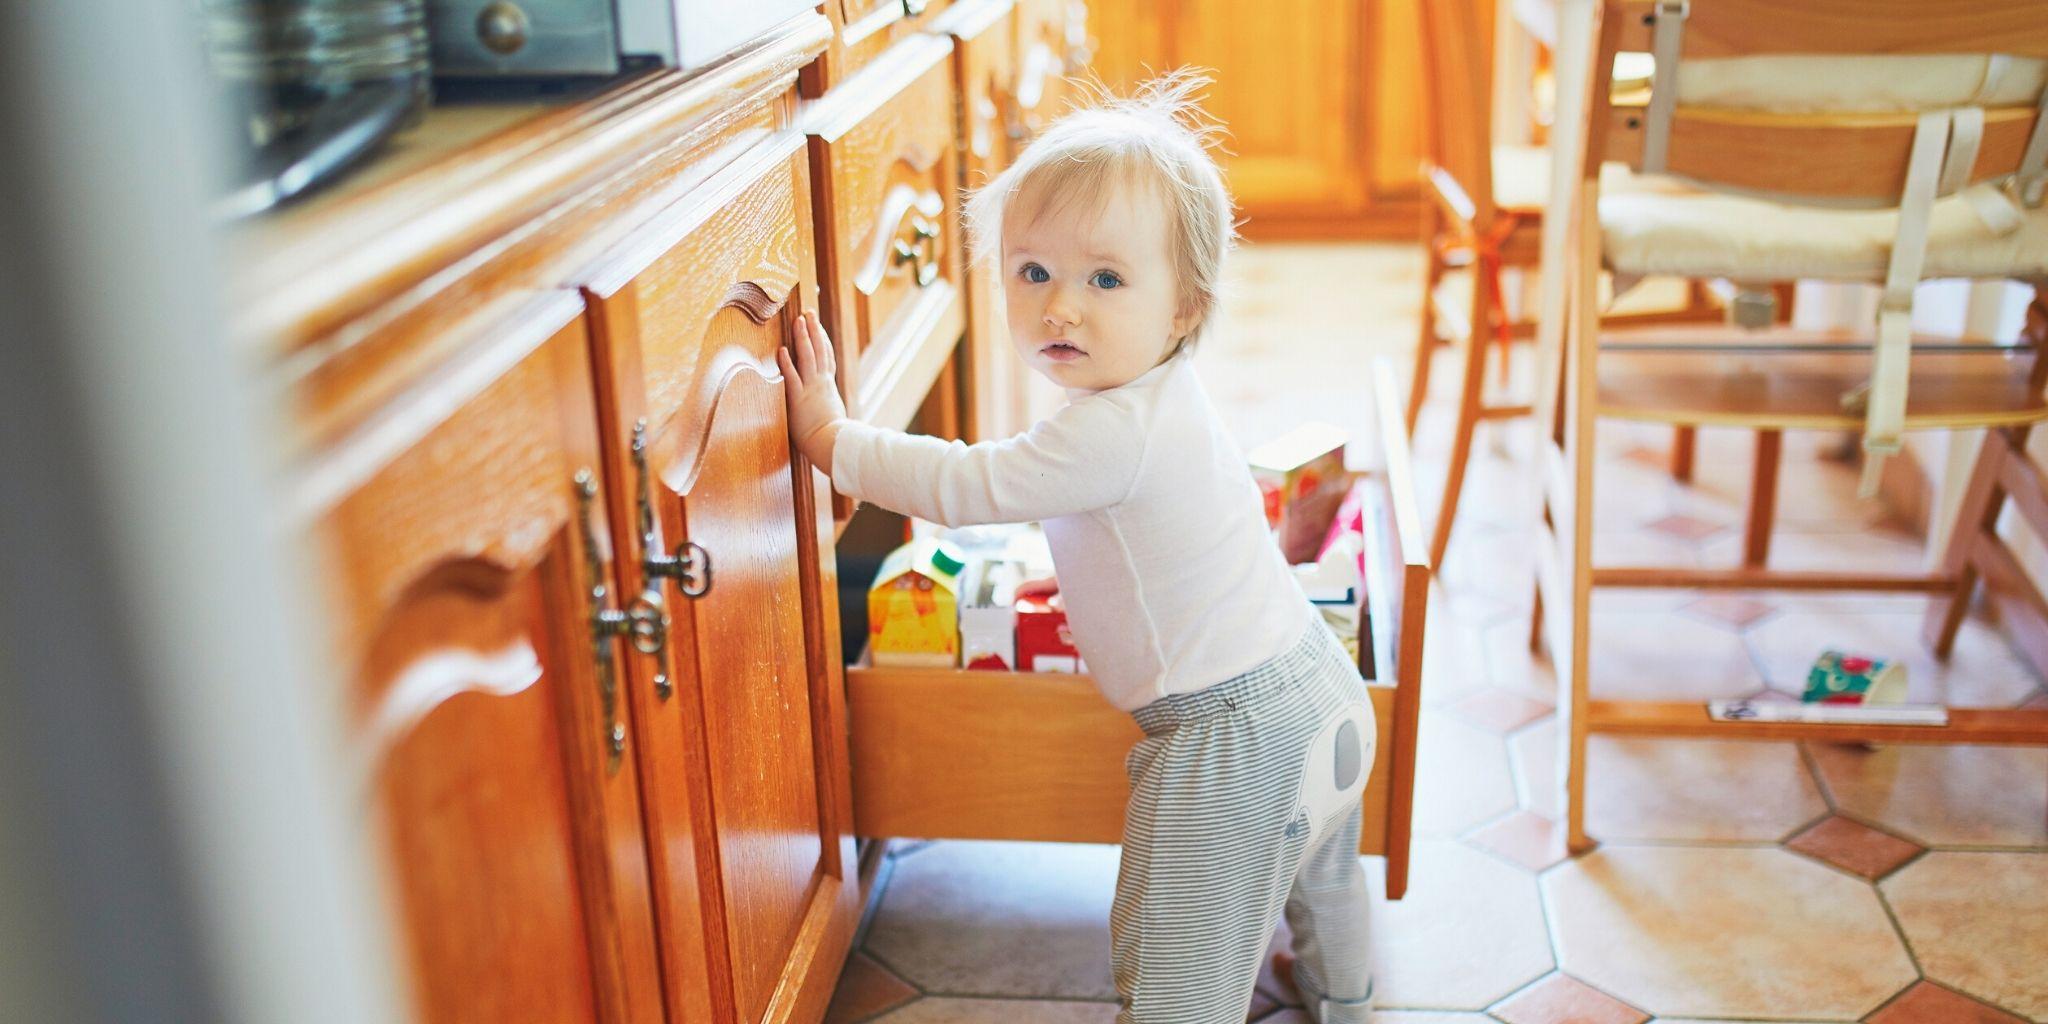 Casa a prueba de niños: cómo mantener a su hijo seguro